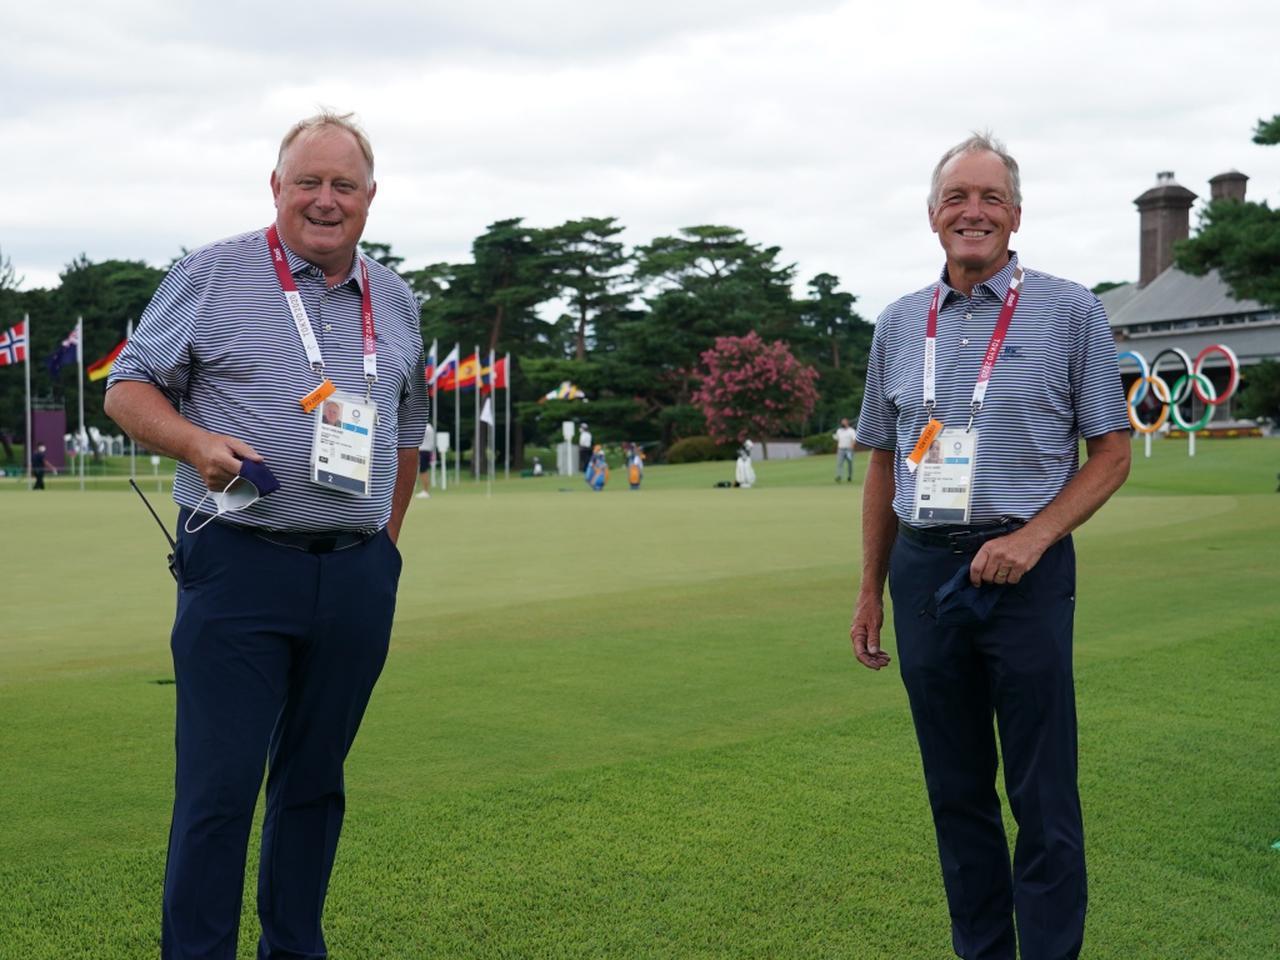 画像: オリンピックゴルフの開催コースである霞ヶ関カンツリー倶楽部のコースセッティングを務めたデイビッド・ガーランド氏(左)とケリー・ハイフ氏(右)